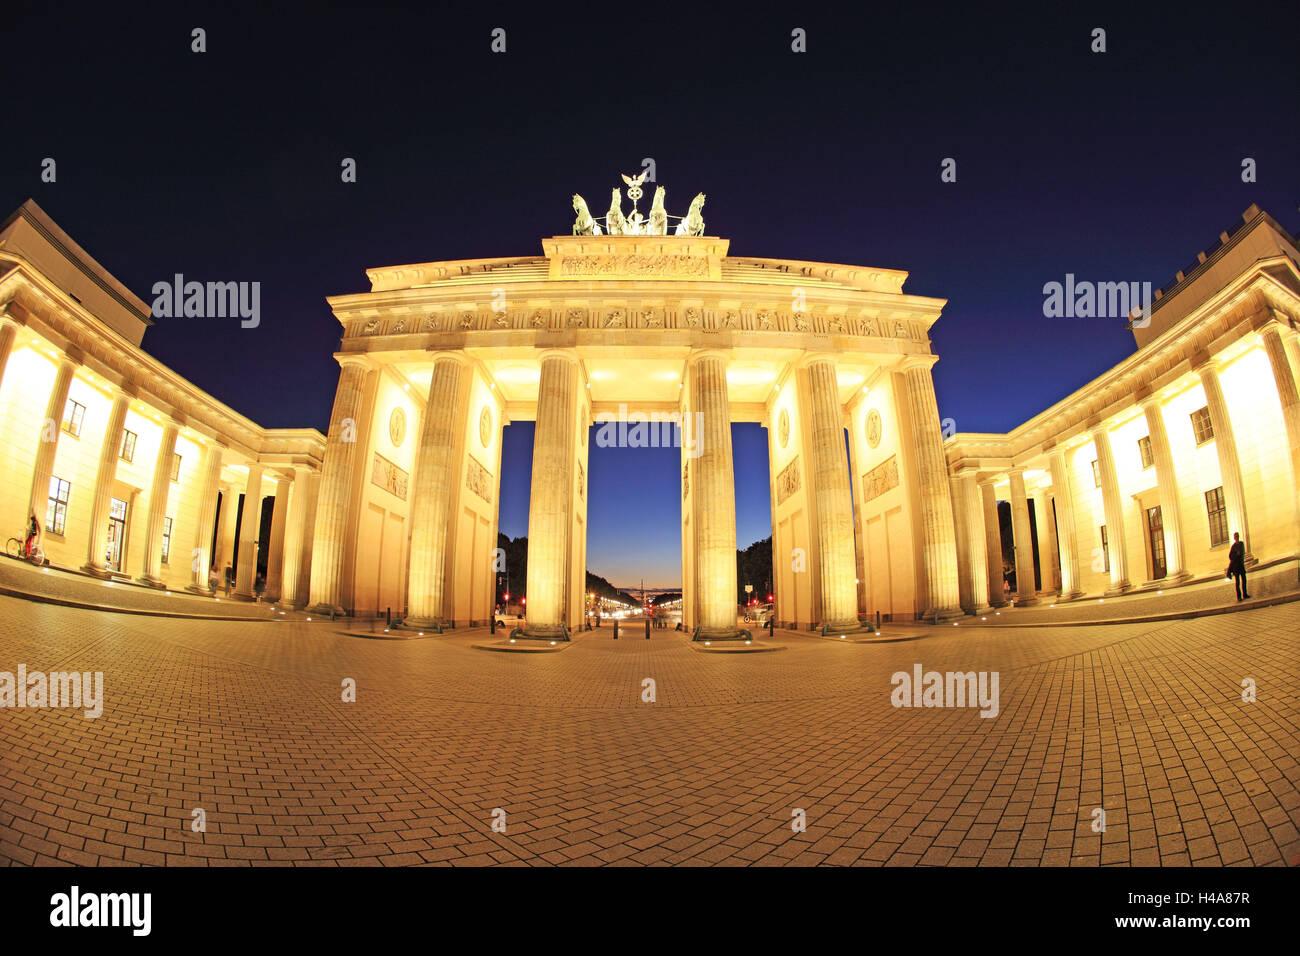 Deutschland, Berlin, Brandenburger Tor, Pariser Platz (Paris Platz), Stockfoto